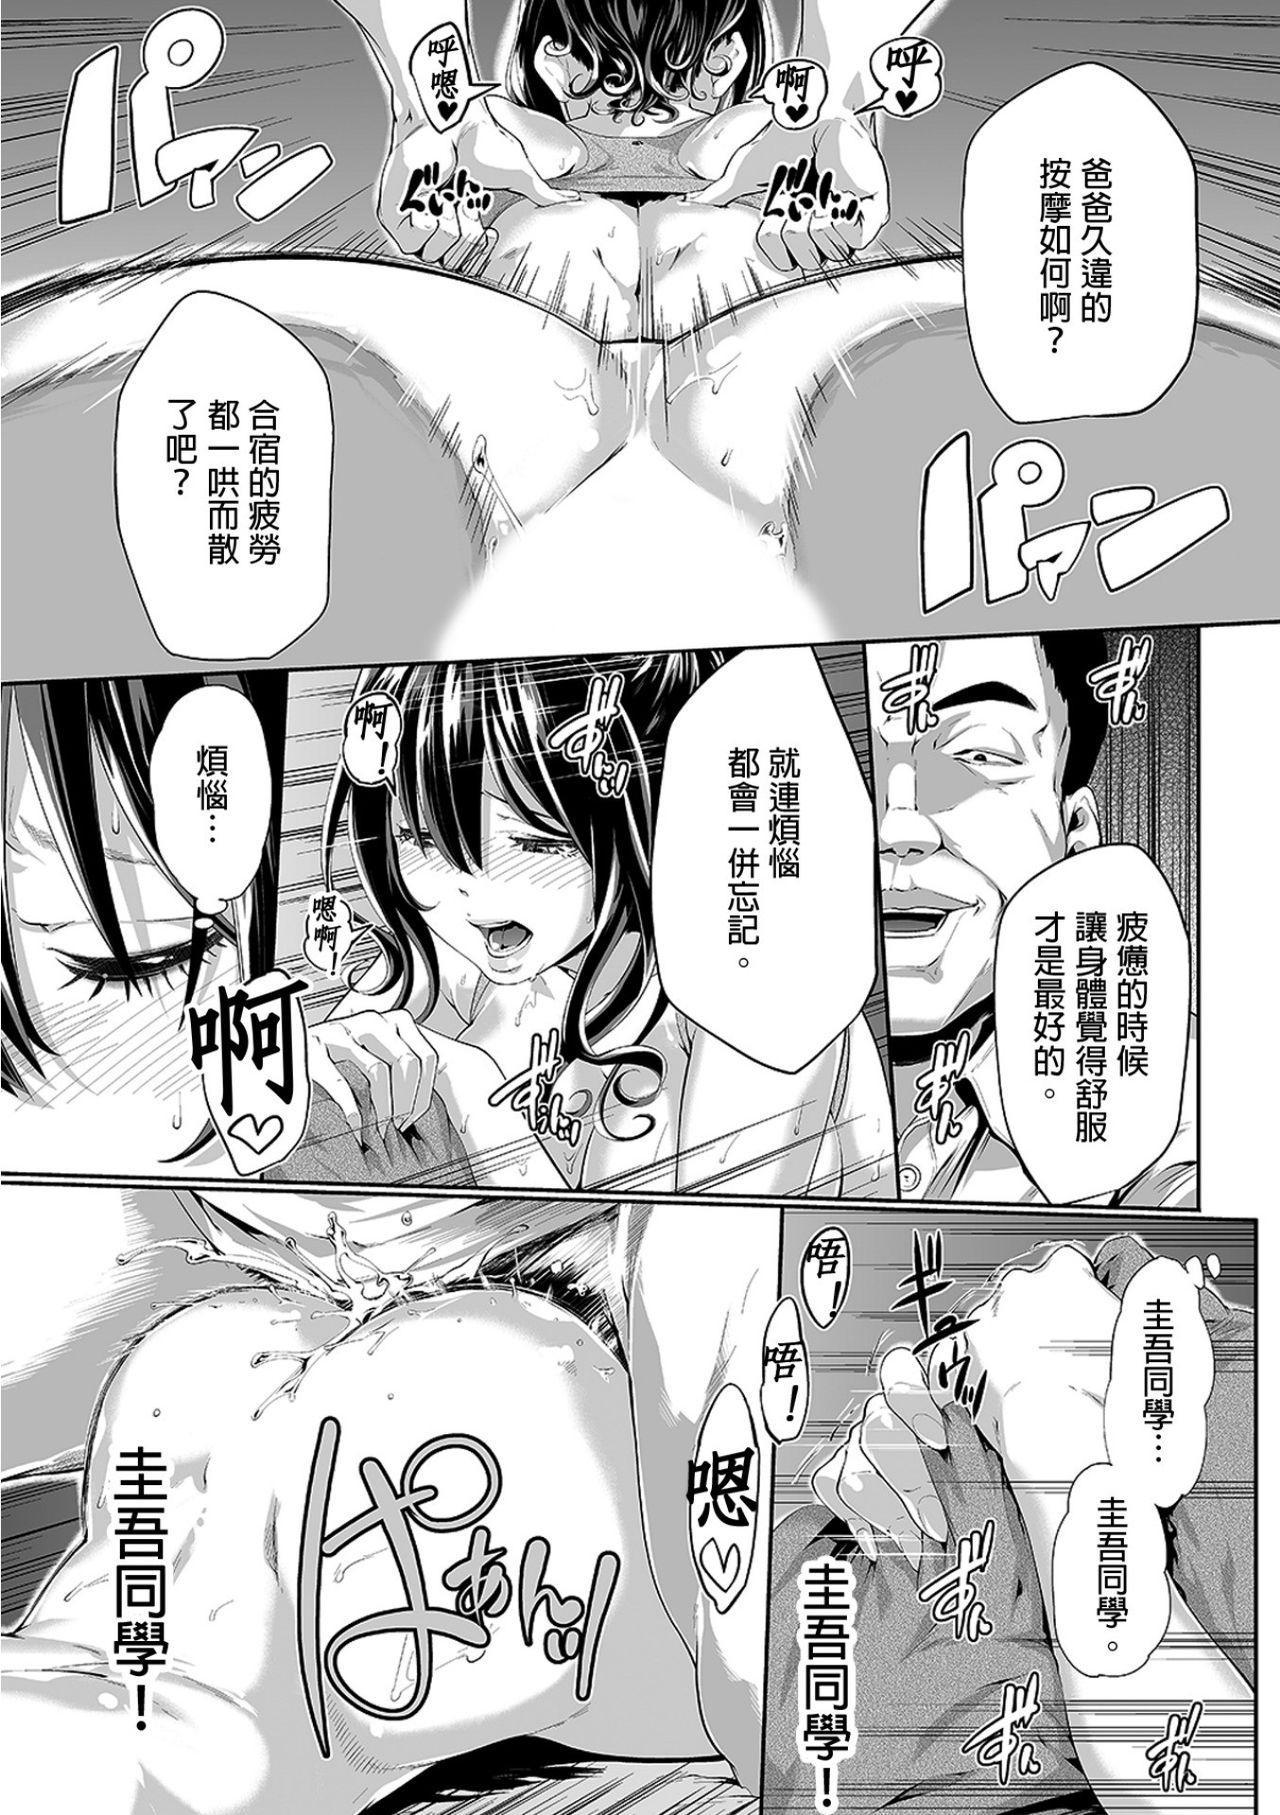 [Qunami Himehiko, Akahige] Gifu no Nurunuru Massage ~Musume no Kori o Asa kara Kurikuri~   義父的濕答答按摩~一早幫忙女兒放鬆肌肉~ Ch. 6 [Chinese] 15